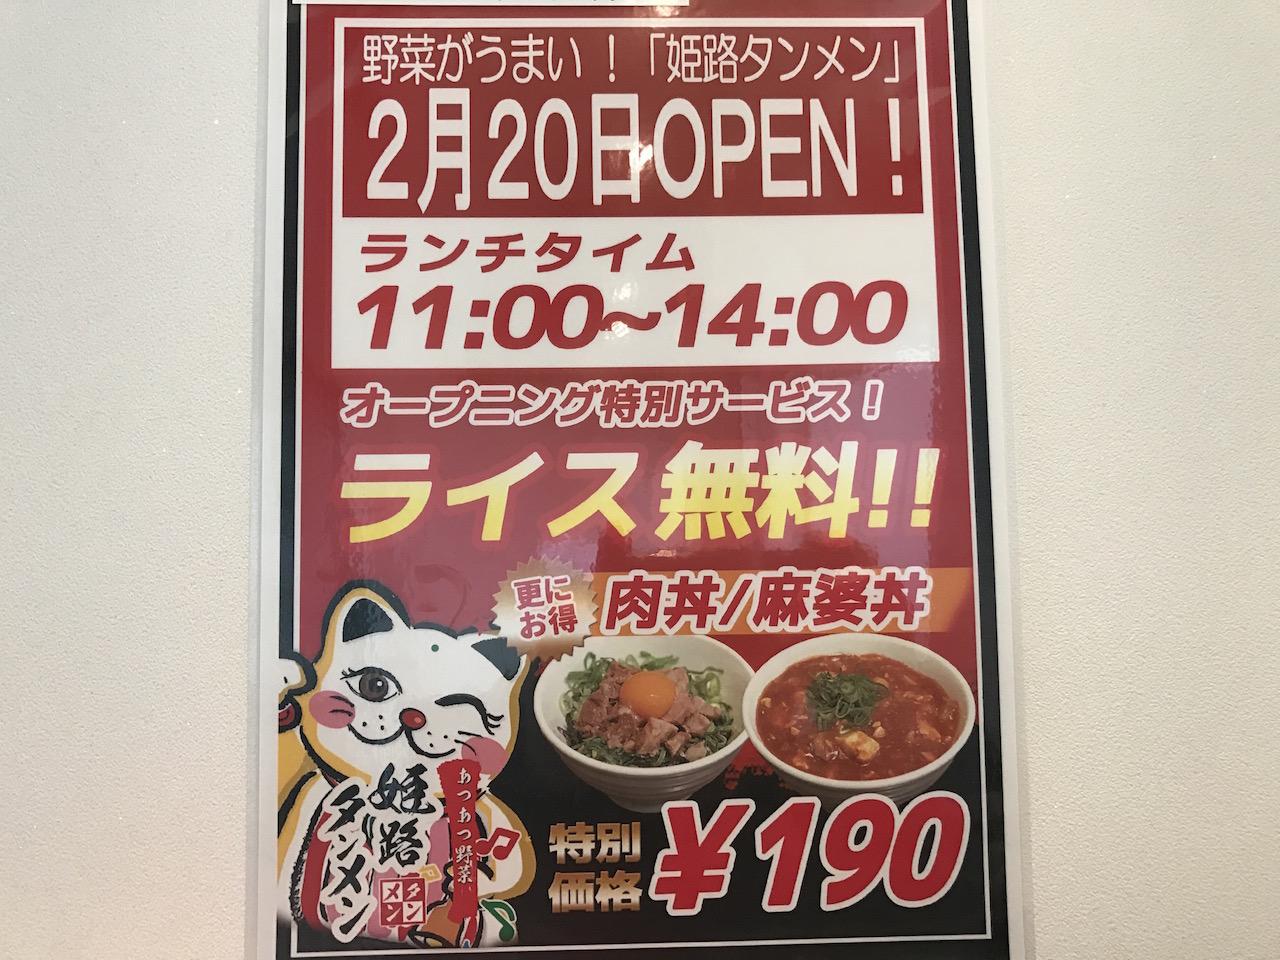 しょうが醤油でいただく「姫路タンメン」で肉タンメンを頼んだらエライことになった